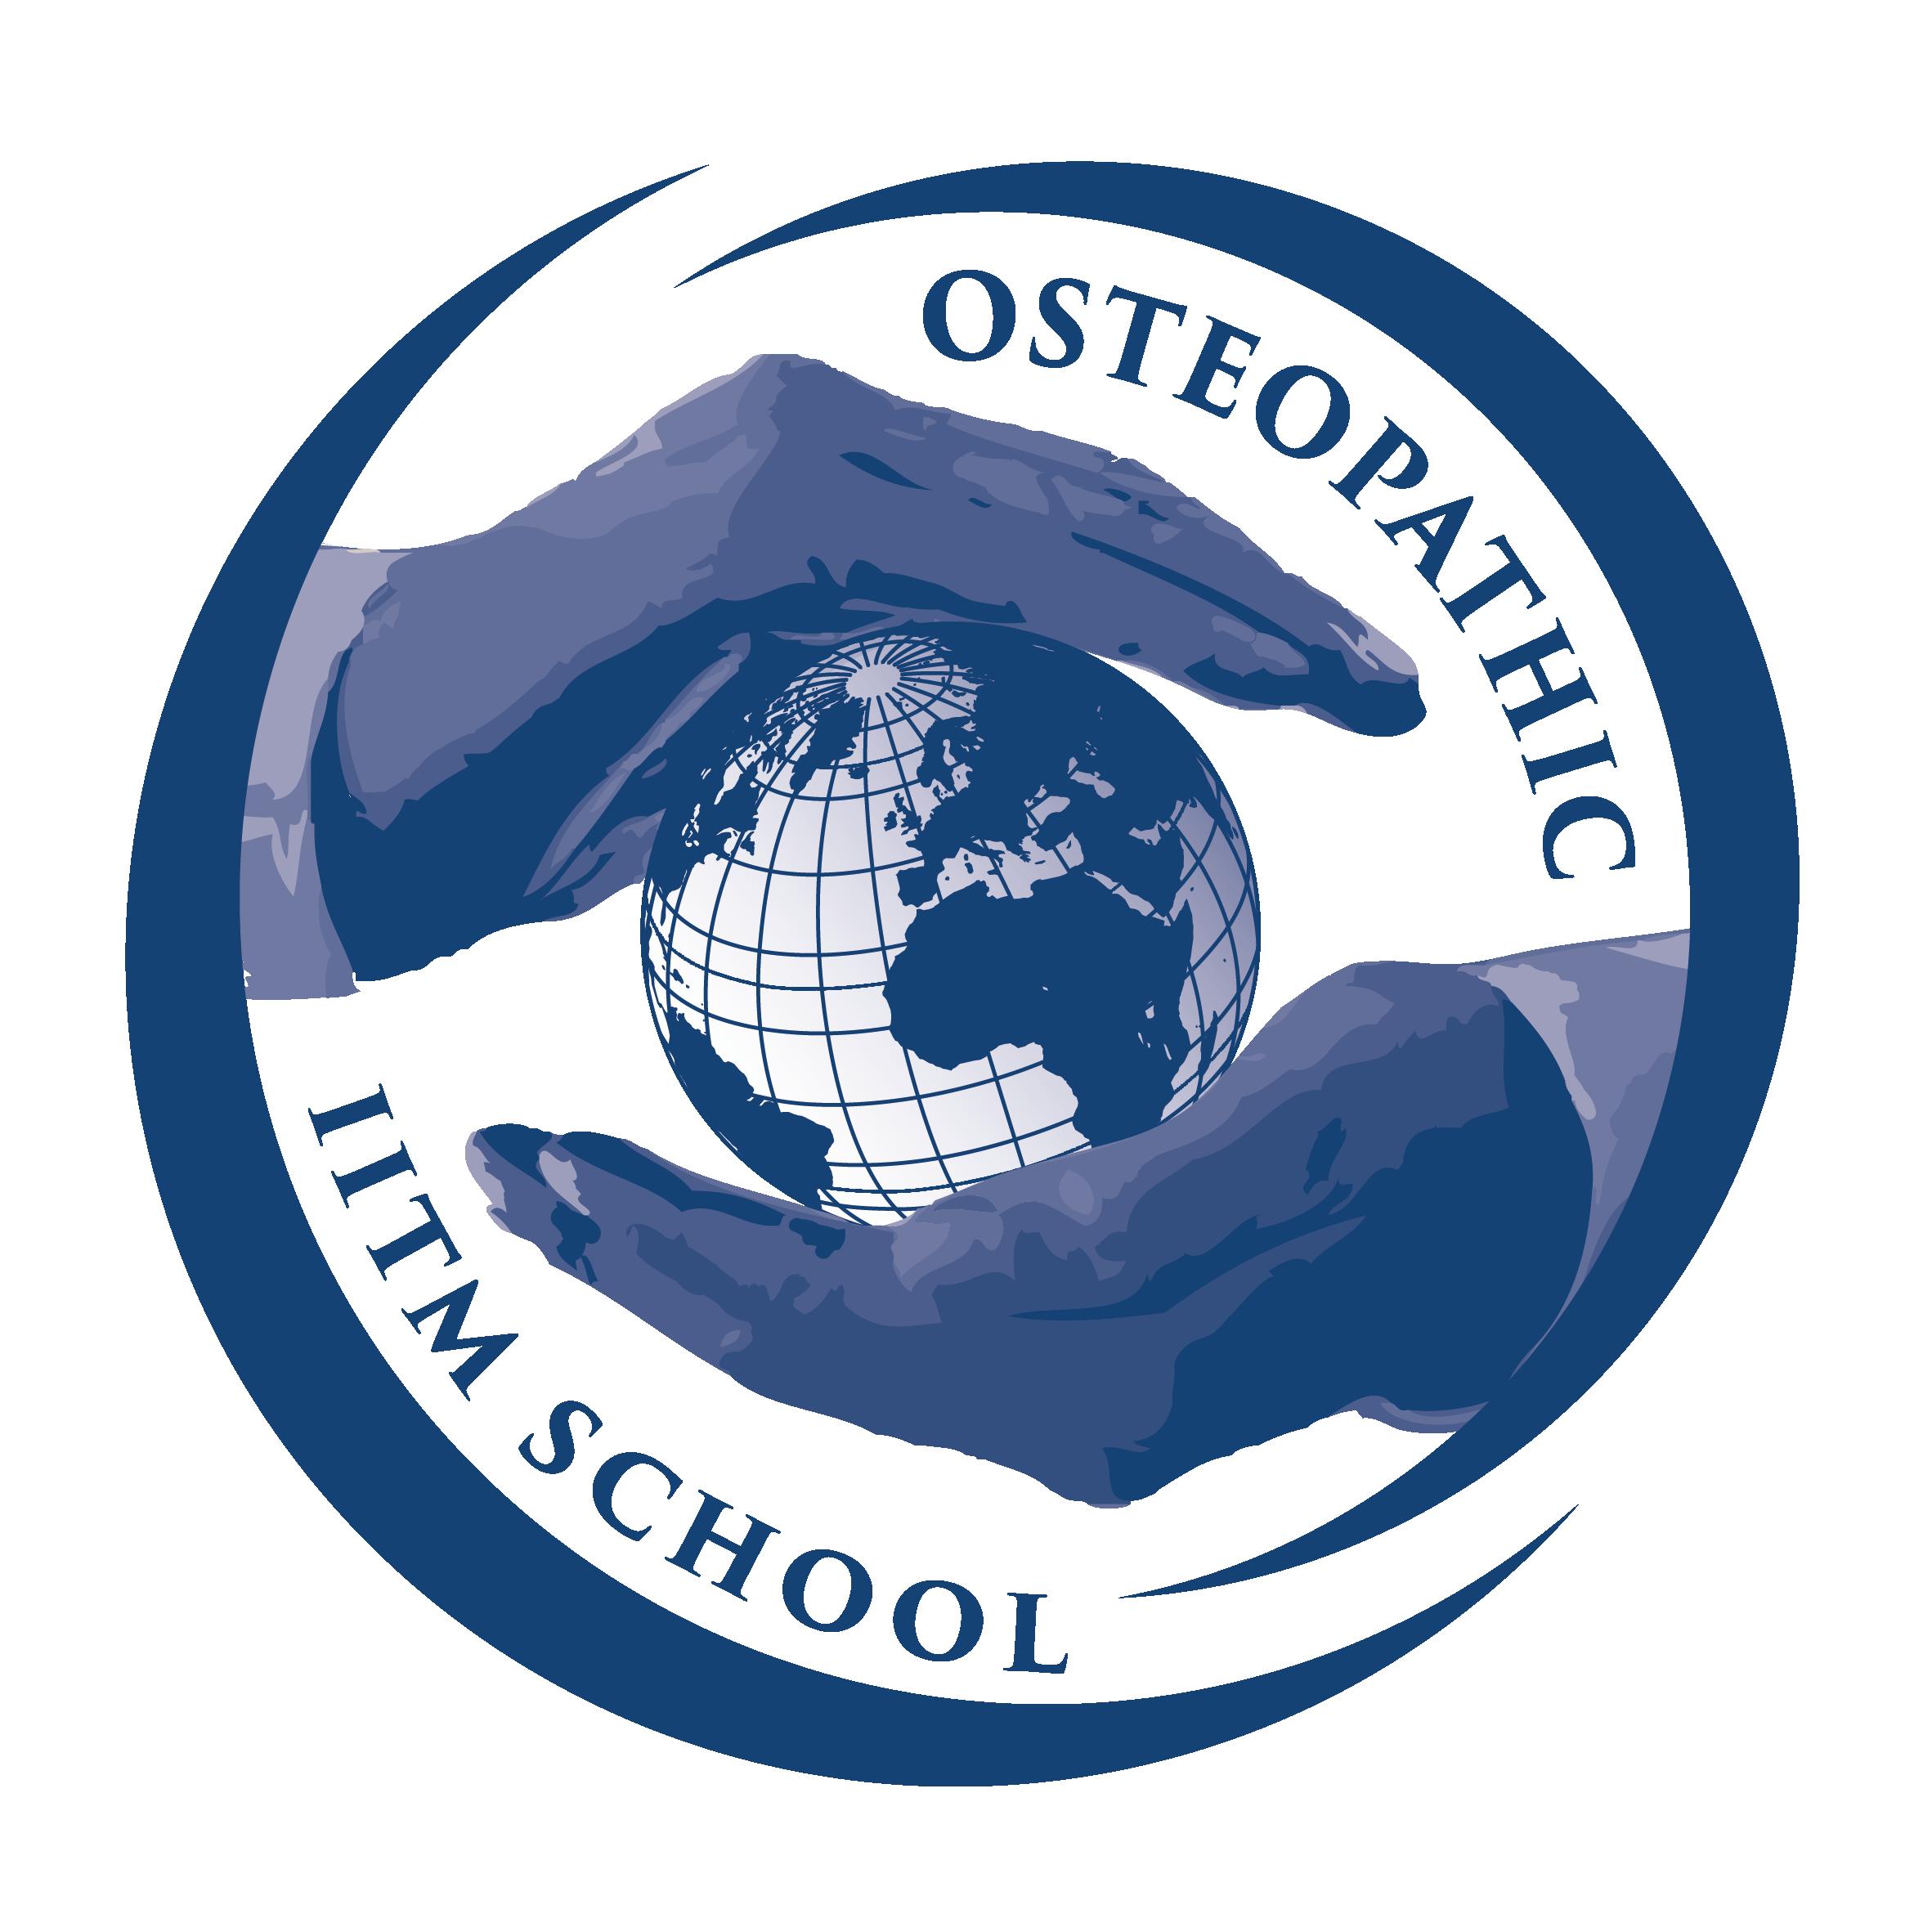 Osteopathic IITM school